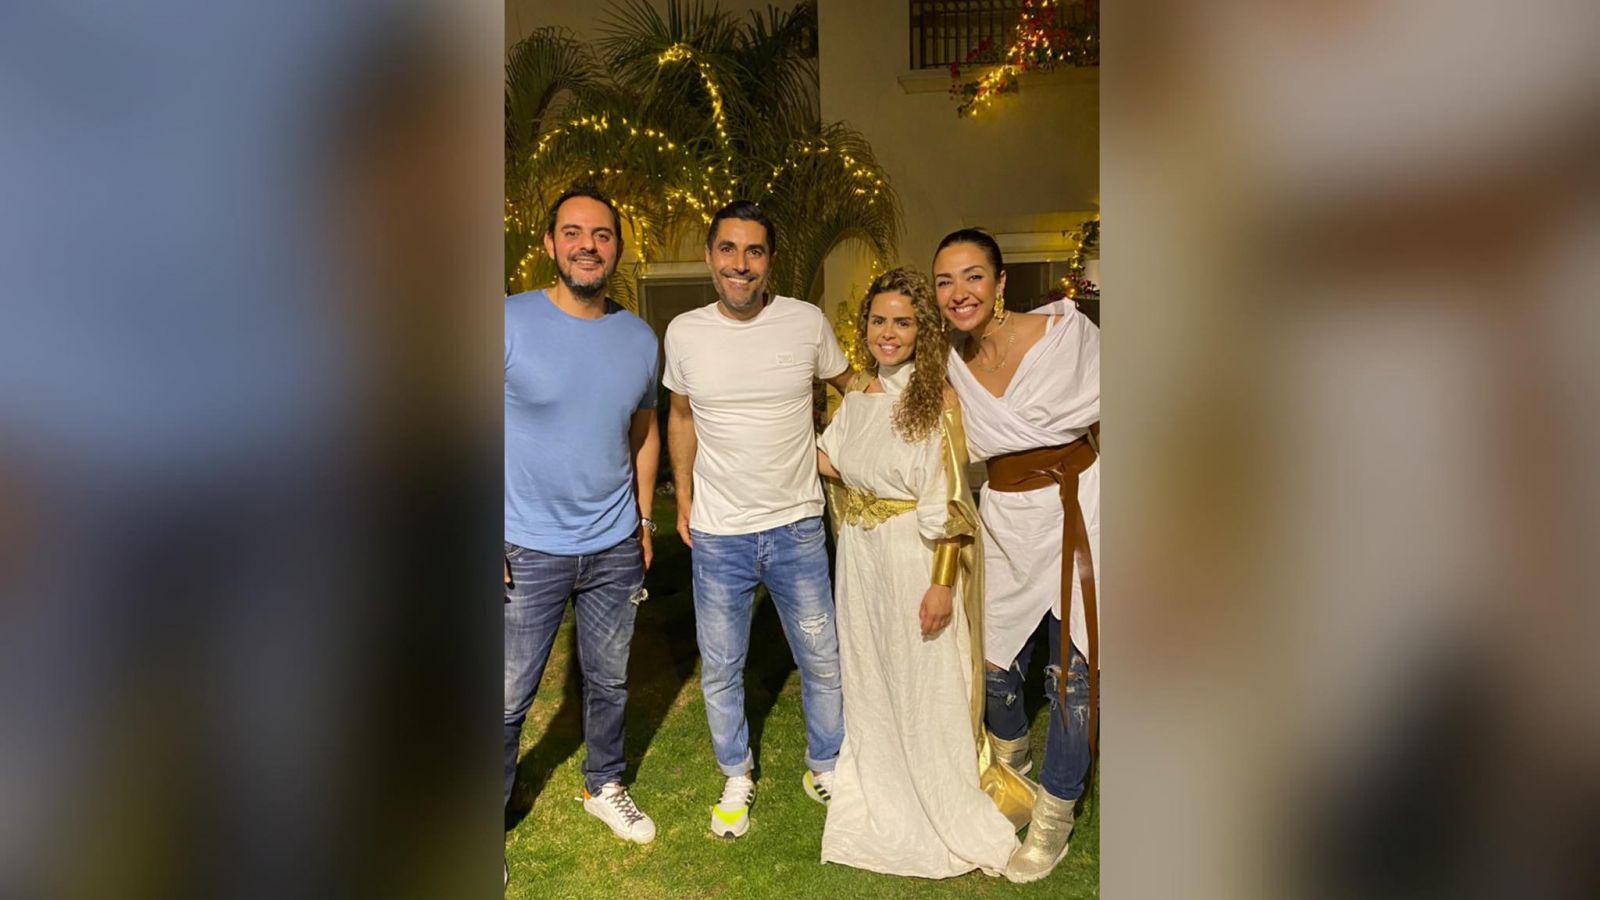 (صور).. الفنانين يجتمعون على فطار رمضاني فى منزل الإعلامية شيرين حمدي